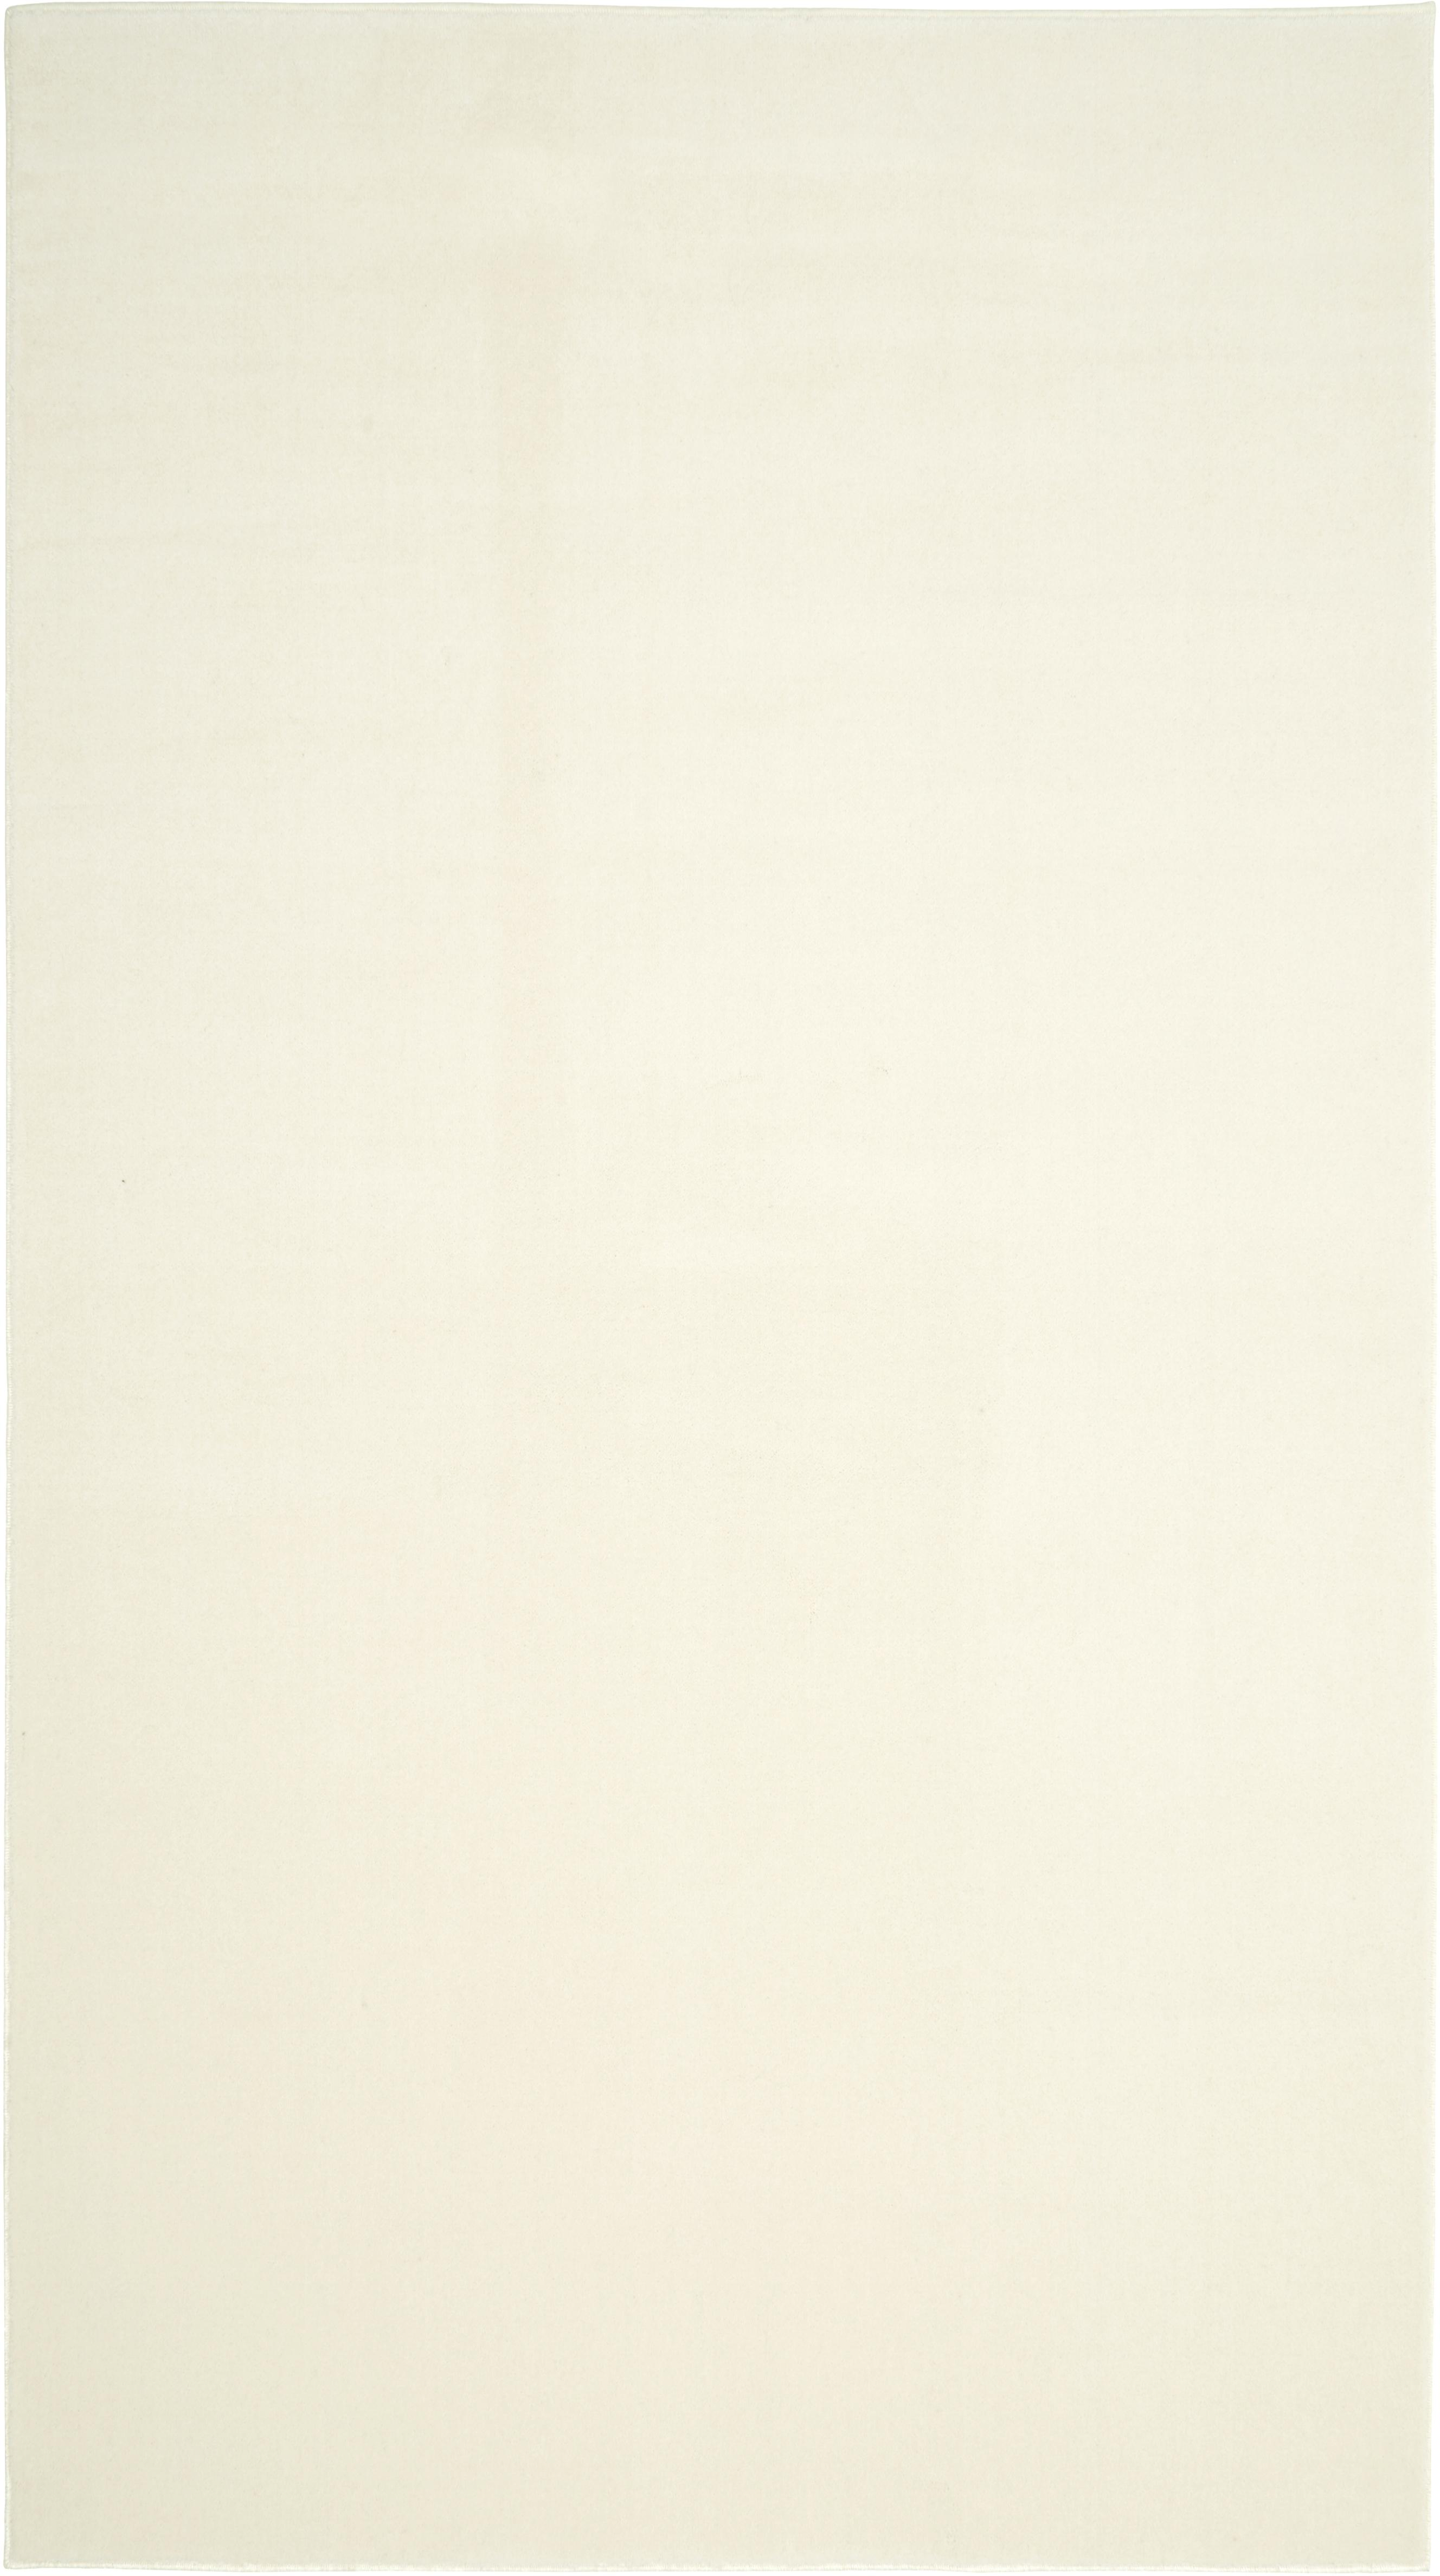 Wollteppich Ida in Beige, Flor: 100% Wolle, Beige, B 60 x L 110 cm (Größe XS)